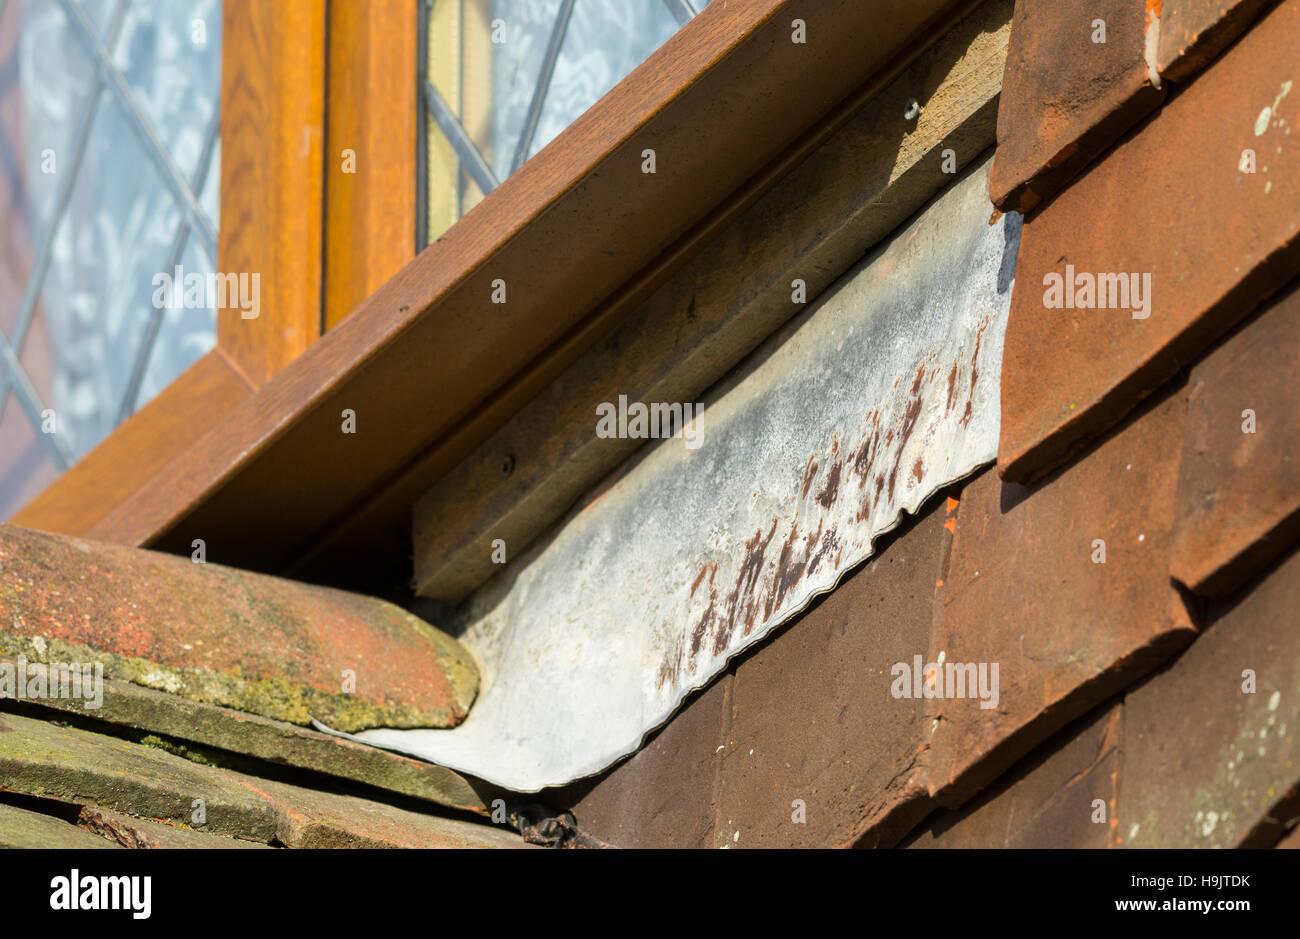 Intermitente de plomo debajo de una ventana de PVC. Imagen De Stock